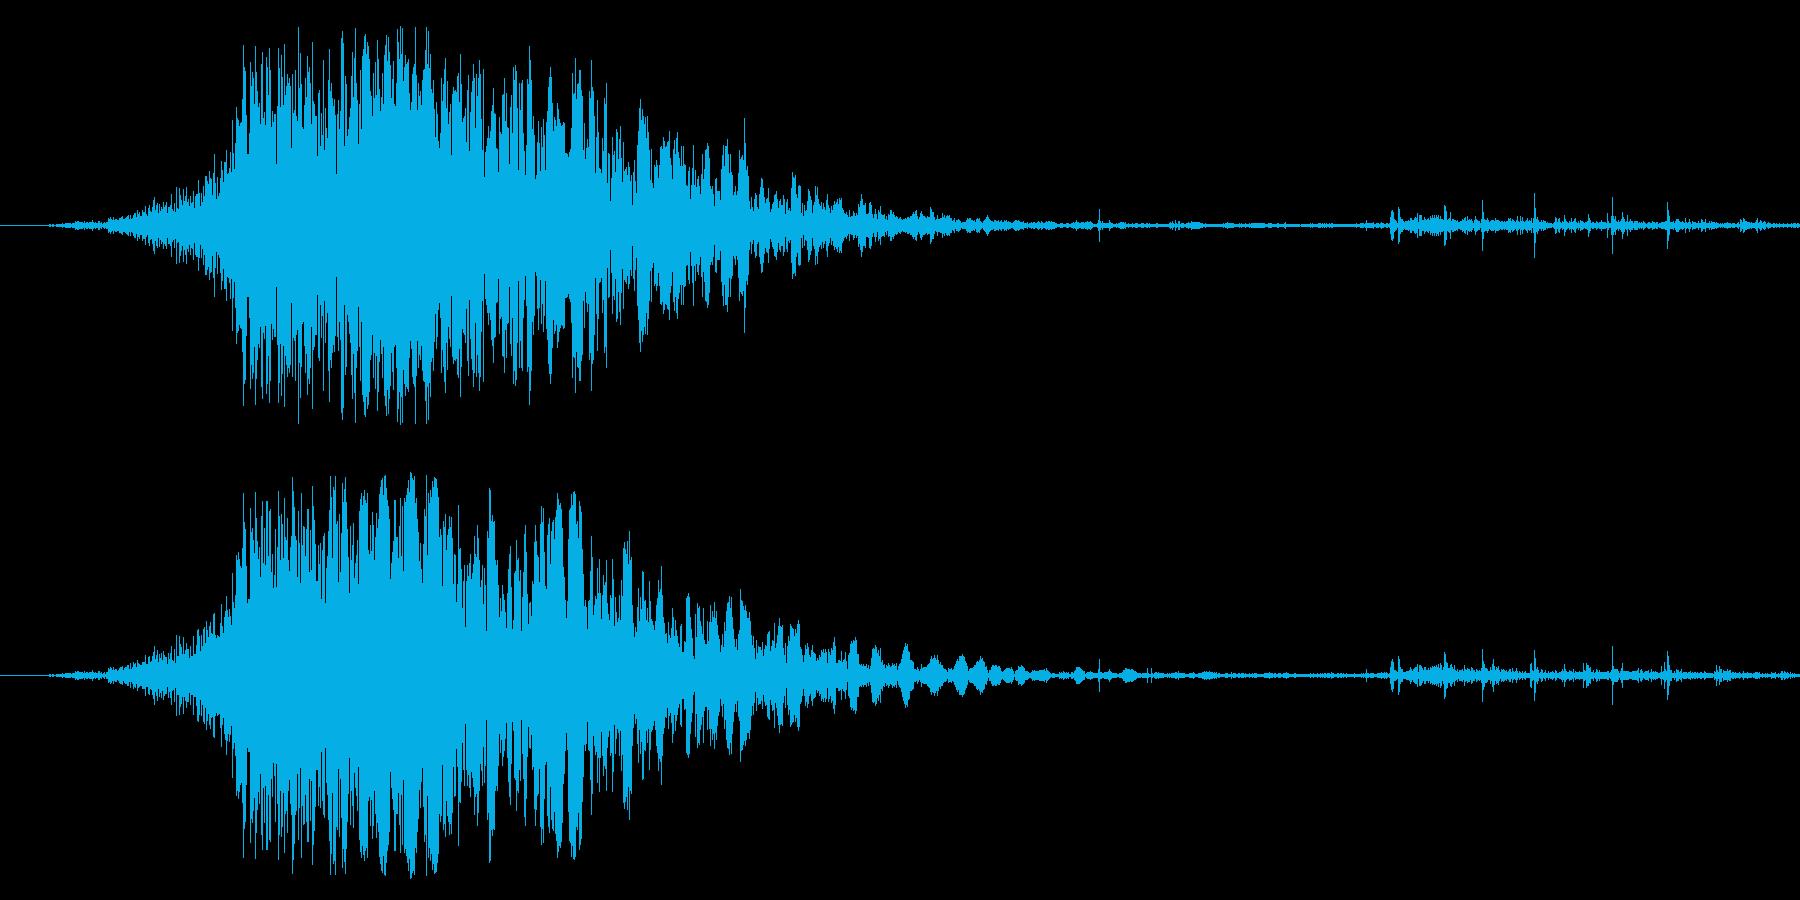 斬撃音(刀や剣で斬る/刺す効果音)05bの再生済みの波形